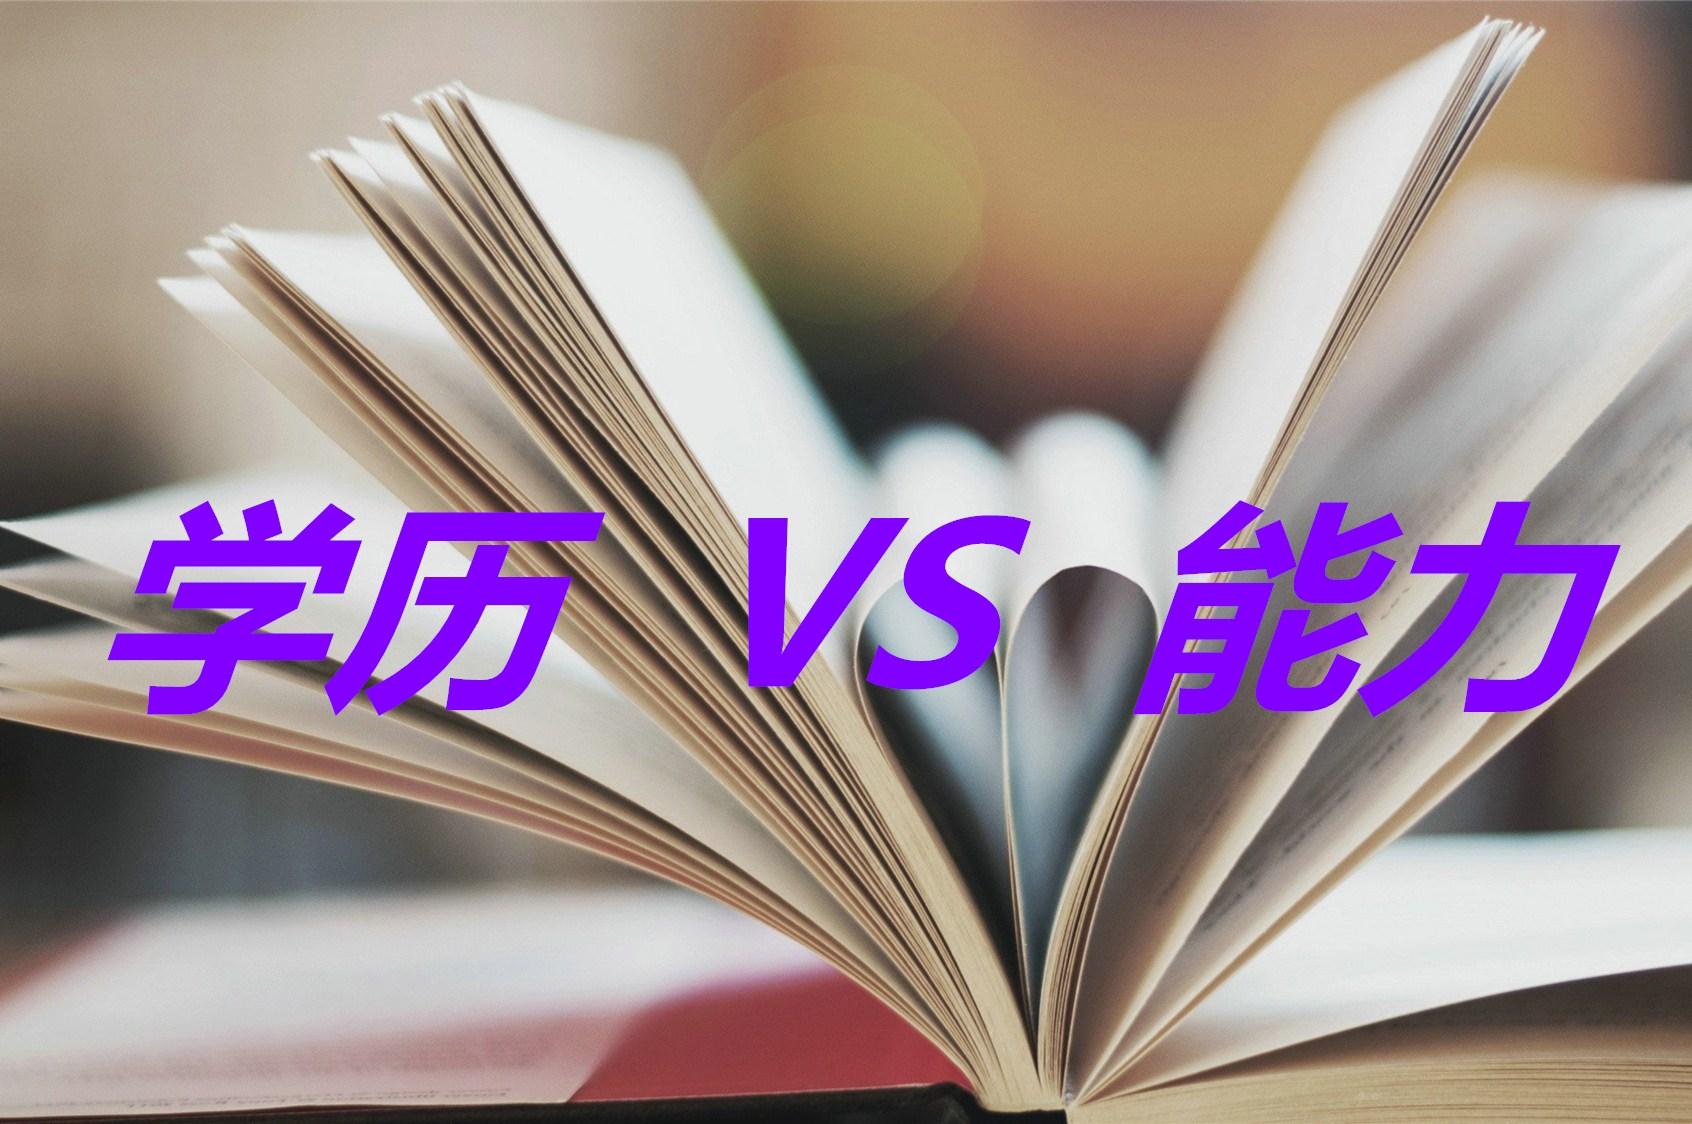 学历VS能力,哪个更重要?两者真的没有关系吗?